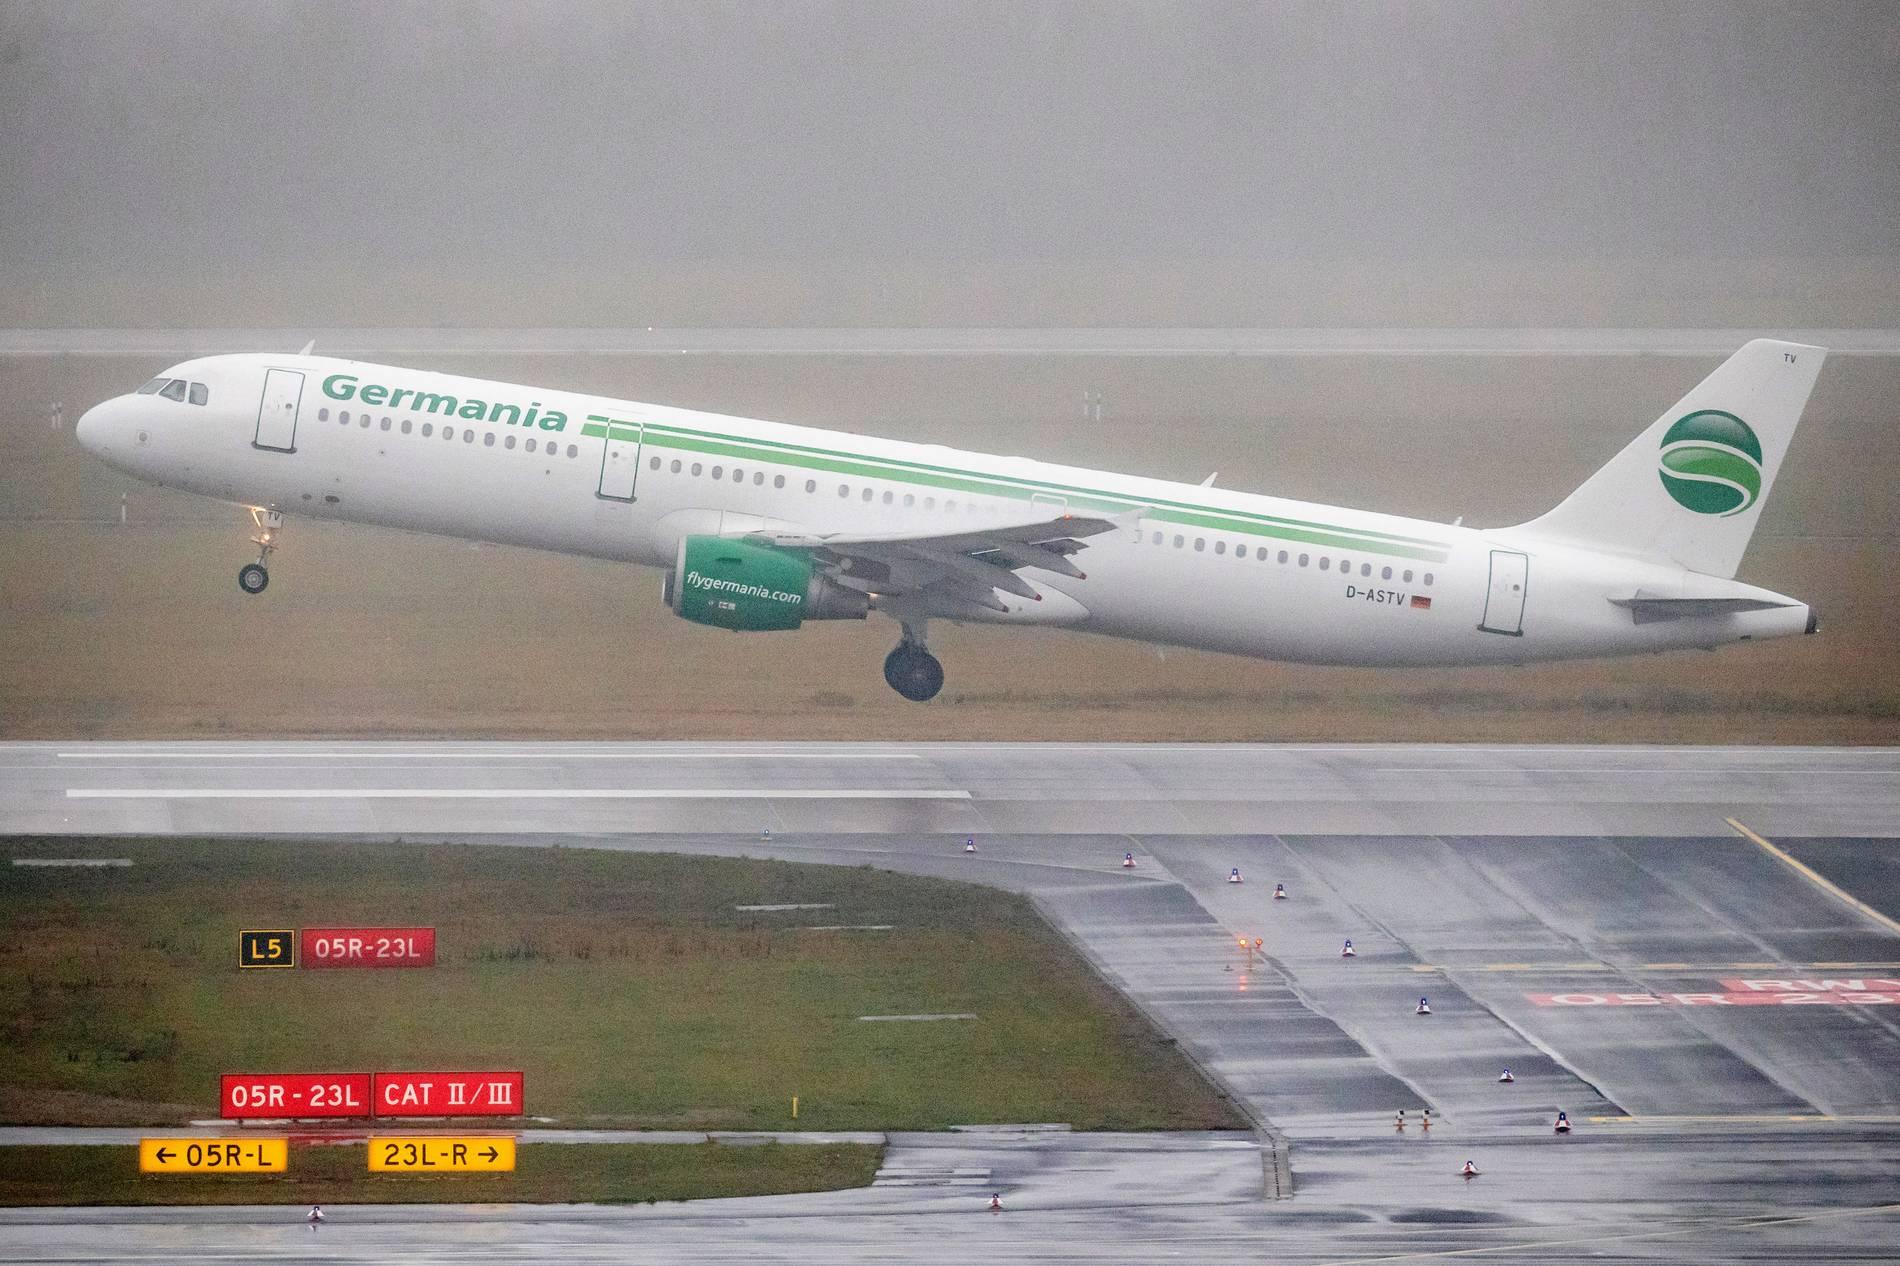 Germania beantragt Insolvenz und stellt Flugbetrieb ein